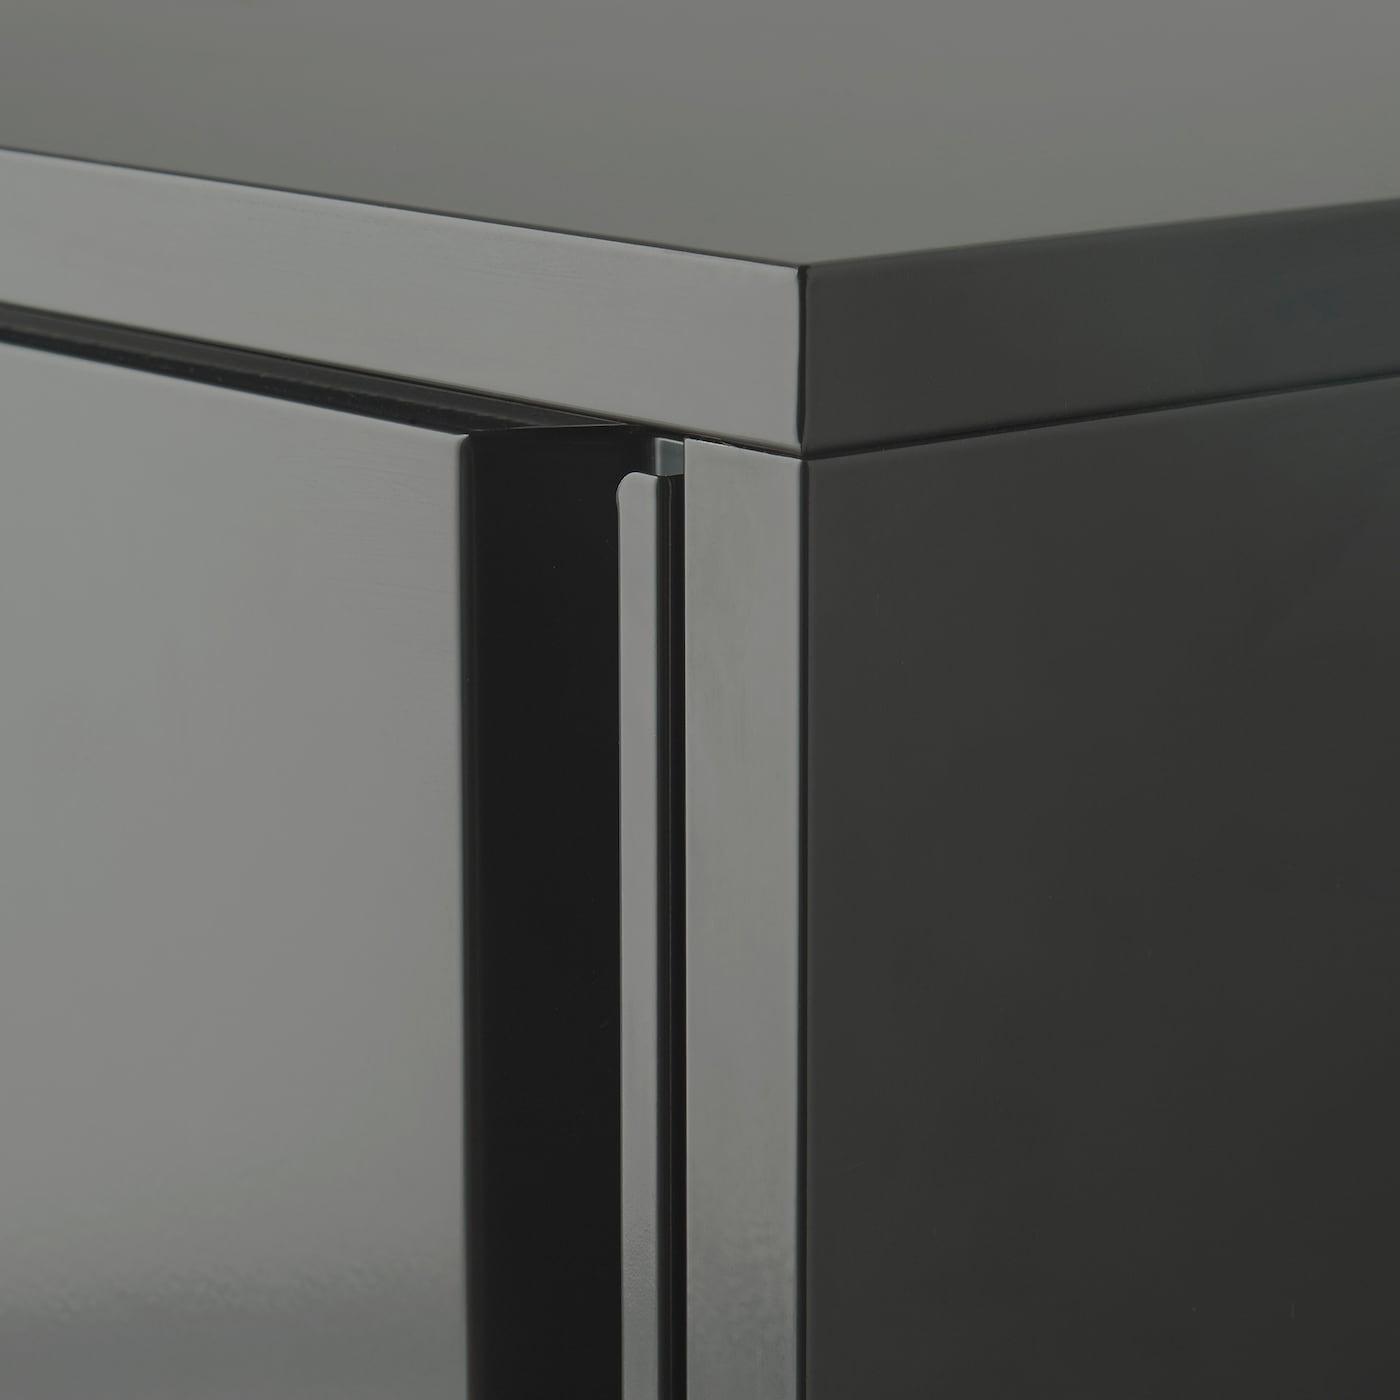 Armadio Metallico Esterno Ikea josef cabinet in/outdoor - dark grey 40x35x86 cm